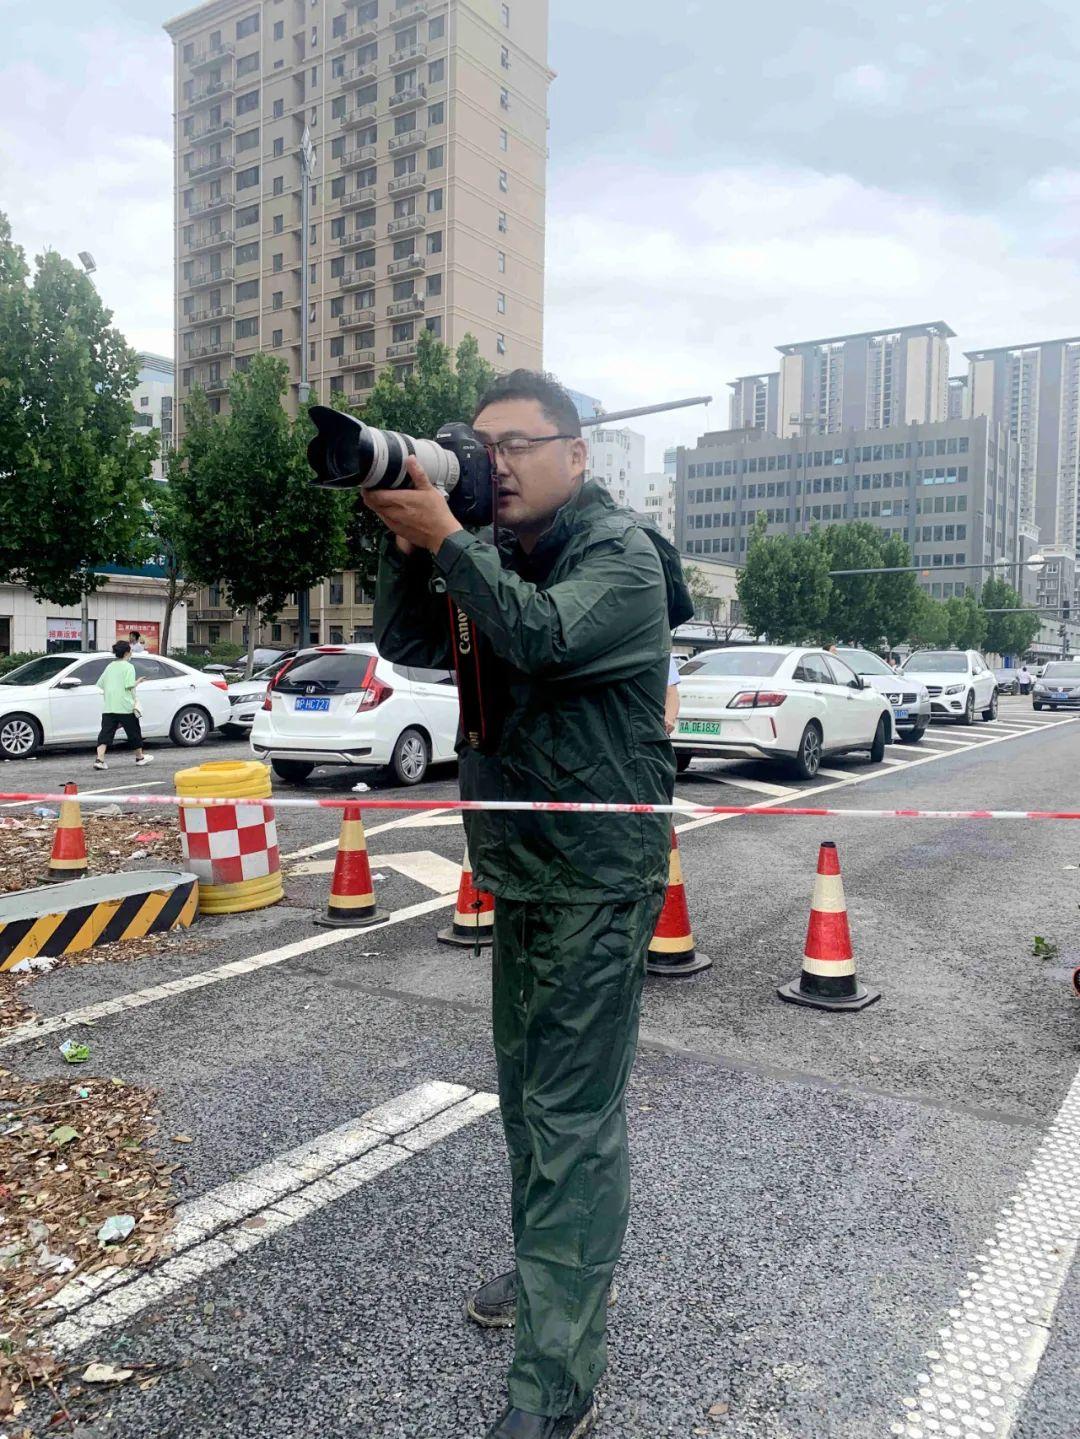 7月21日,人民网记者慎志远在郑州抢险救援现场拍摄。